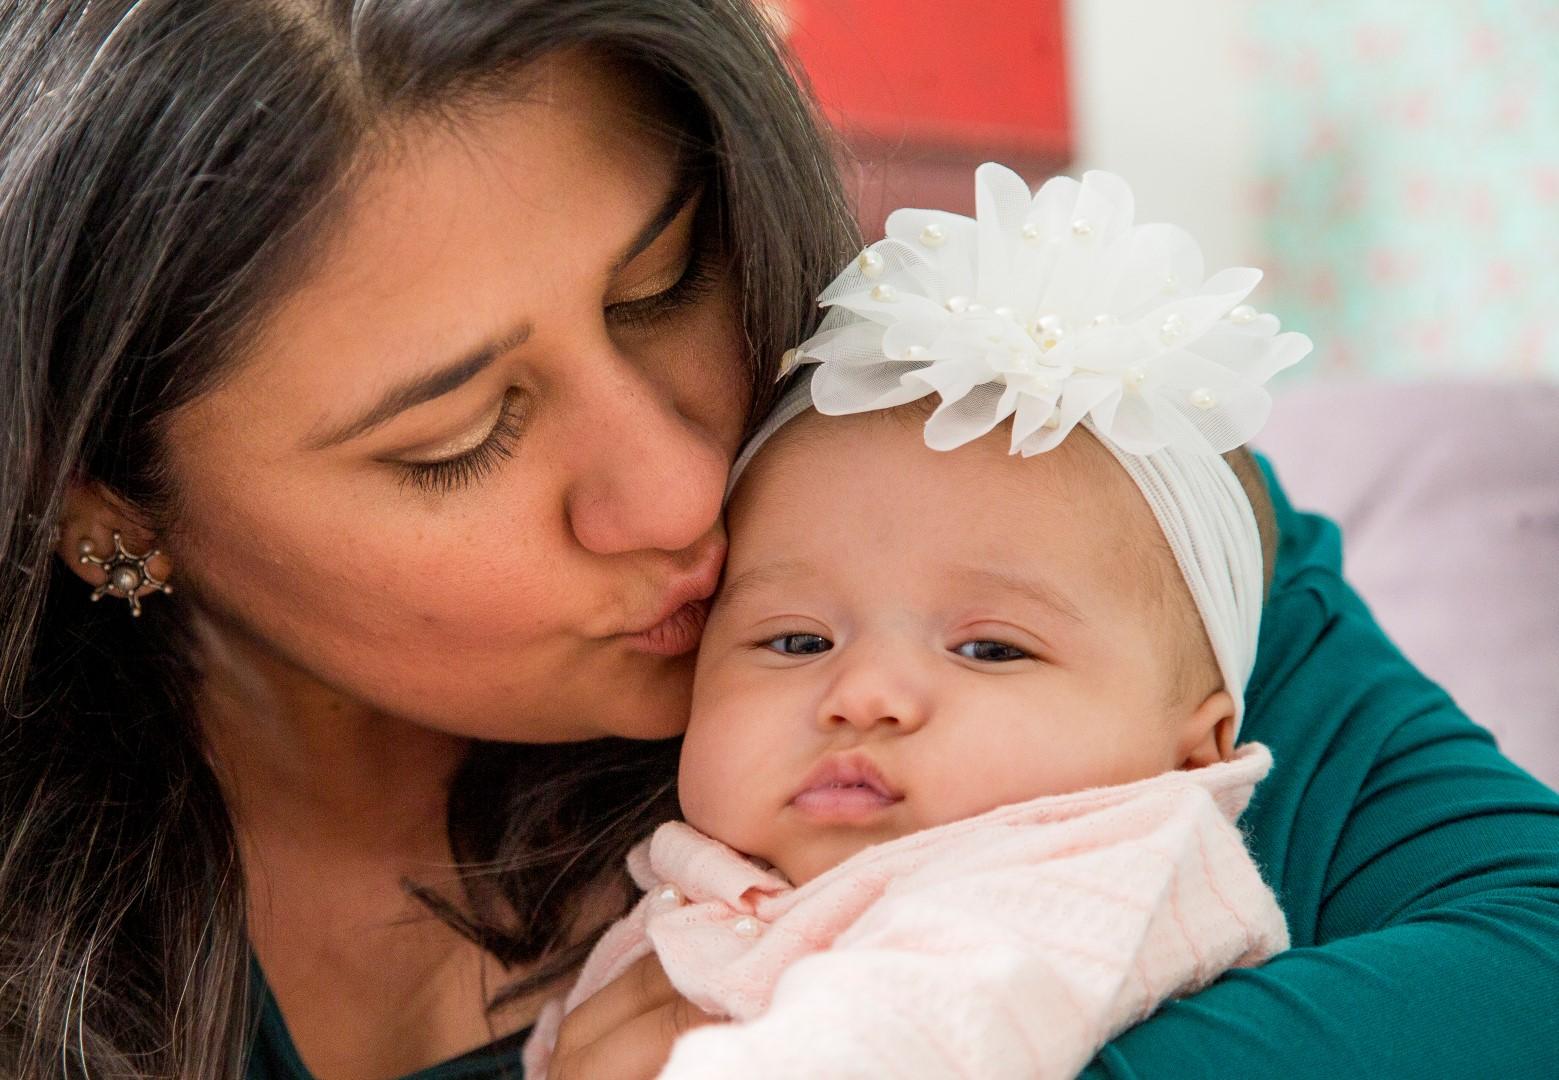 Renata Souza com sua filha Luiza, hoje com 3 meses. Foram 3 anos entre a descoberta da doença, tratamento e a gravidez.